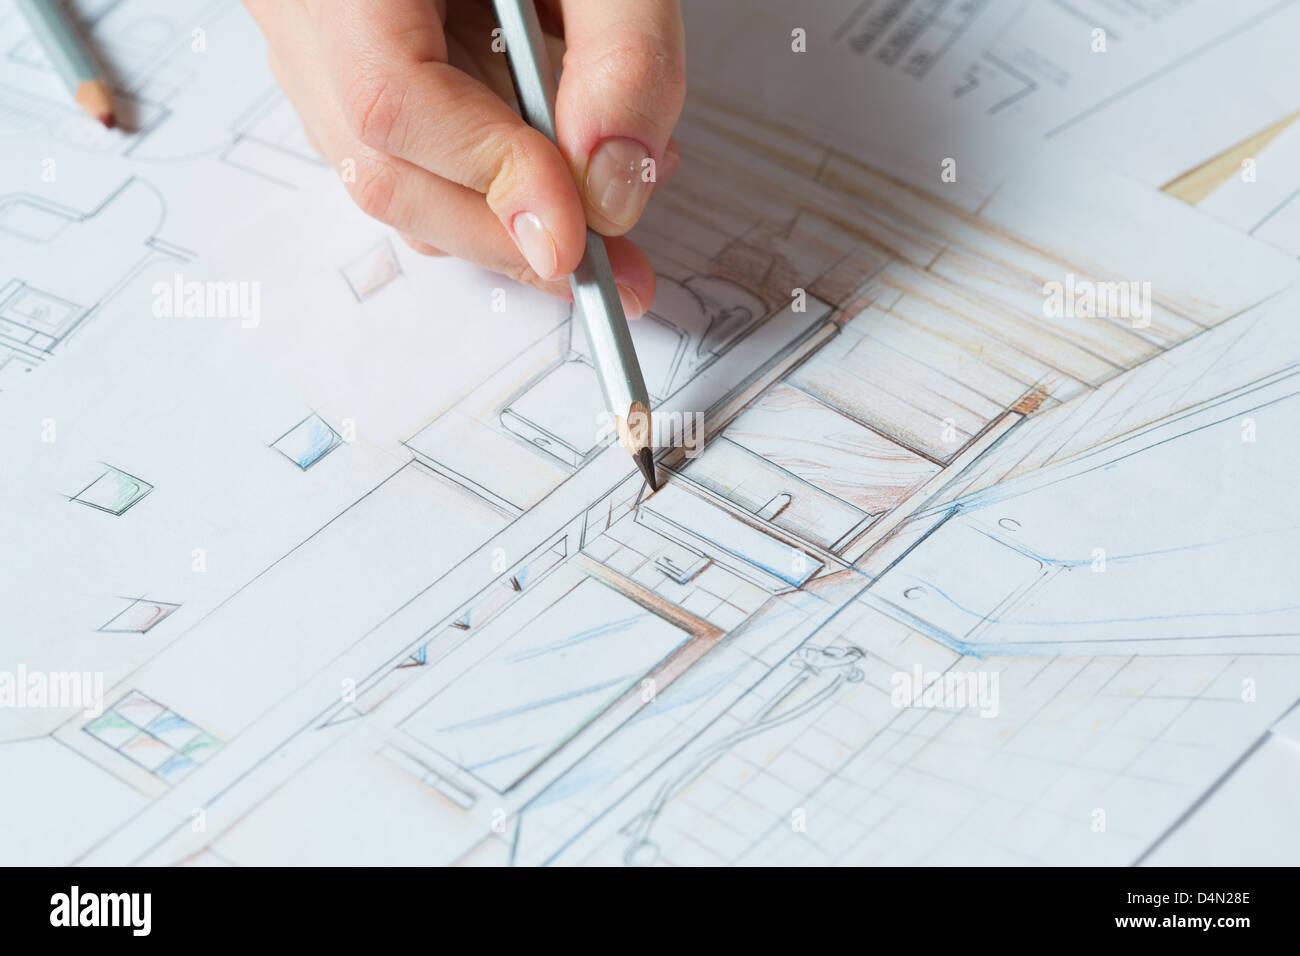 100 interior design works ltw designworks google search interior design works interior designer works on a hand drawing sketch using color